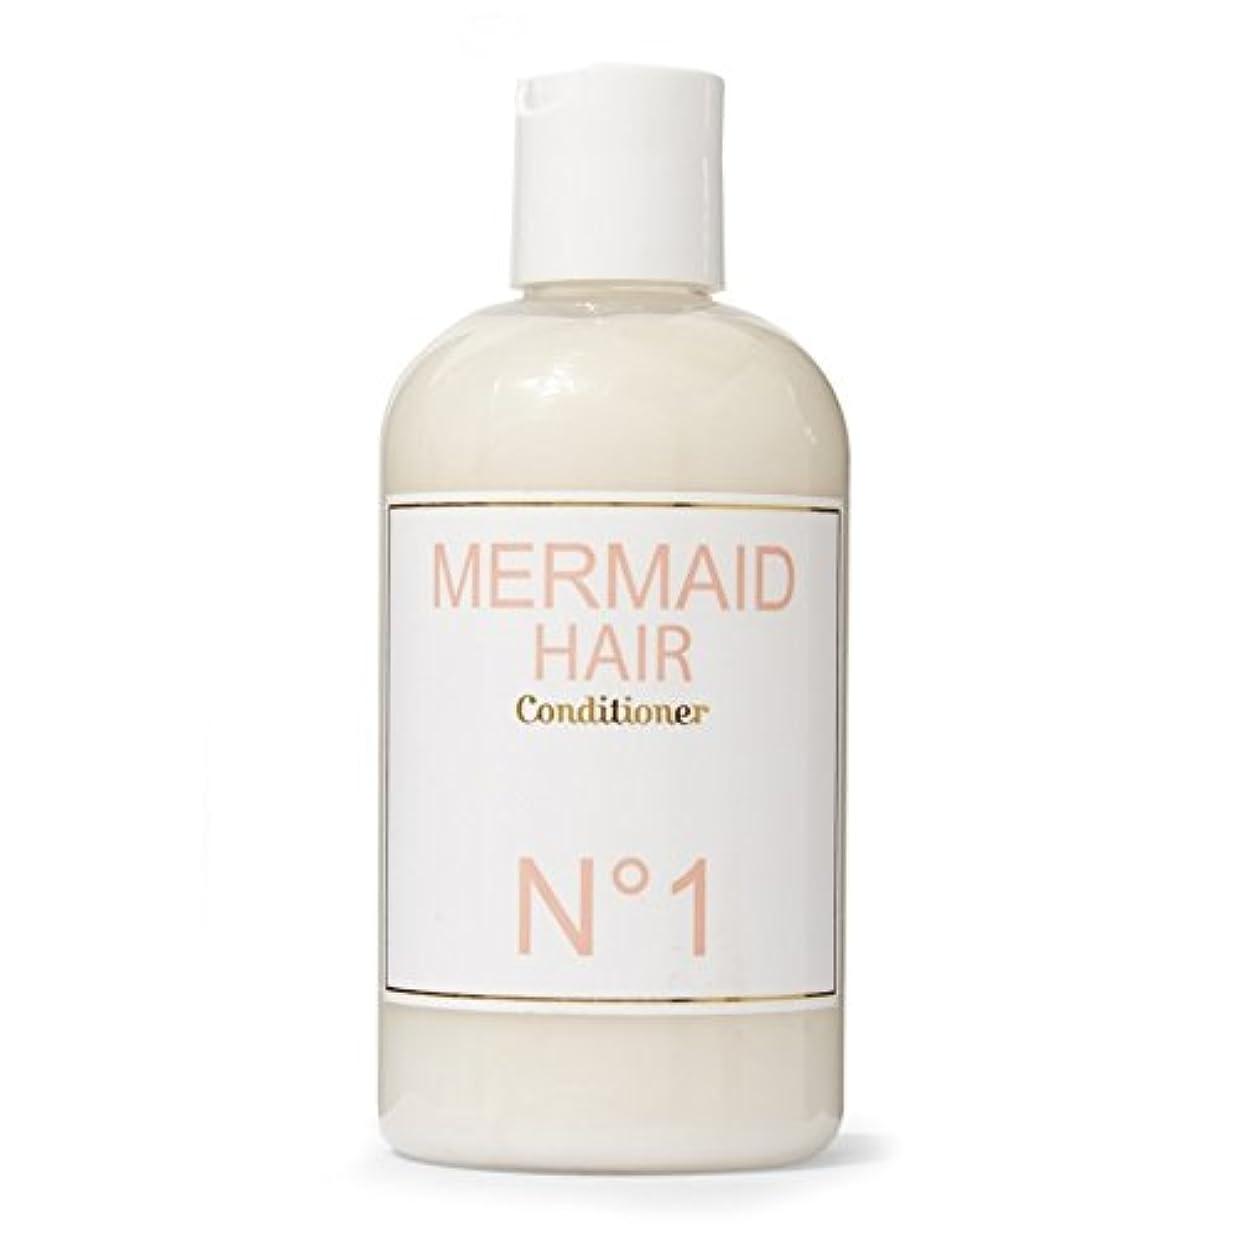 ランデブー火傷恥ずかしいMermaid Perfume Mermaid Conditioner 300ml (Pack of 6) - 人魚香水人魚コンディショナー300ミリリットル x6 [並行輸入品]